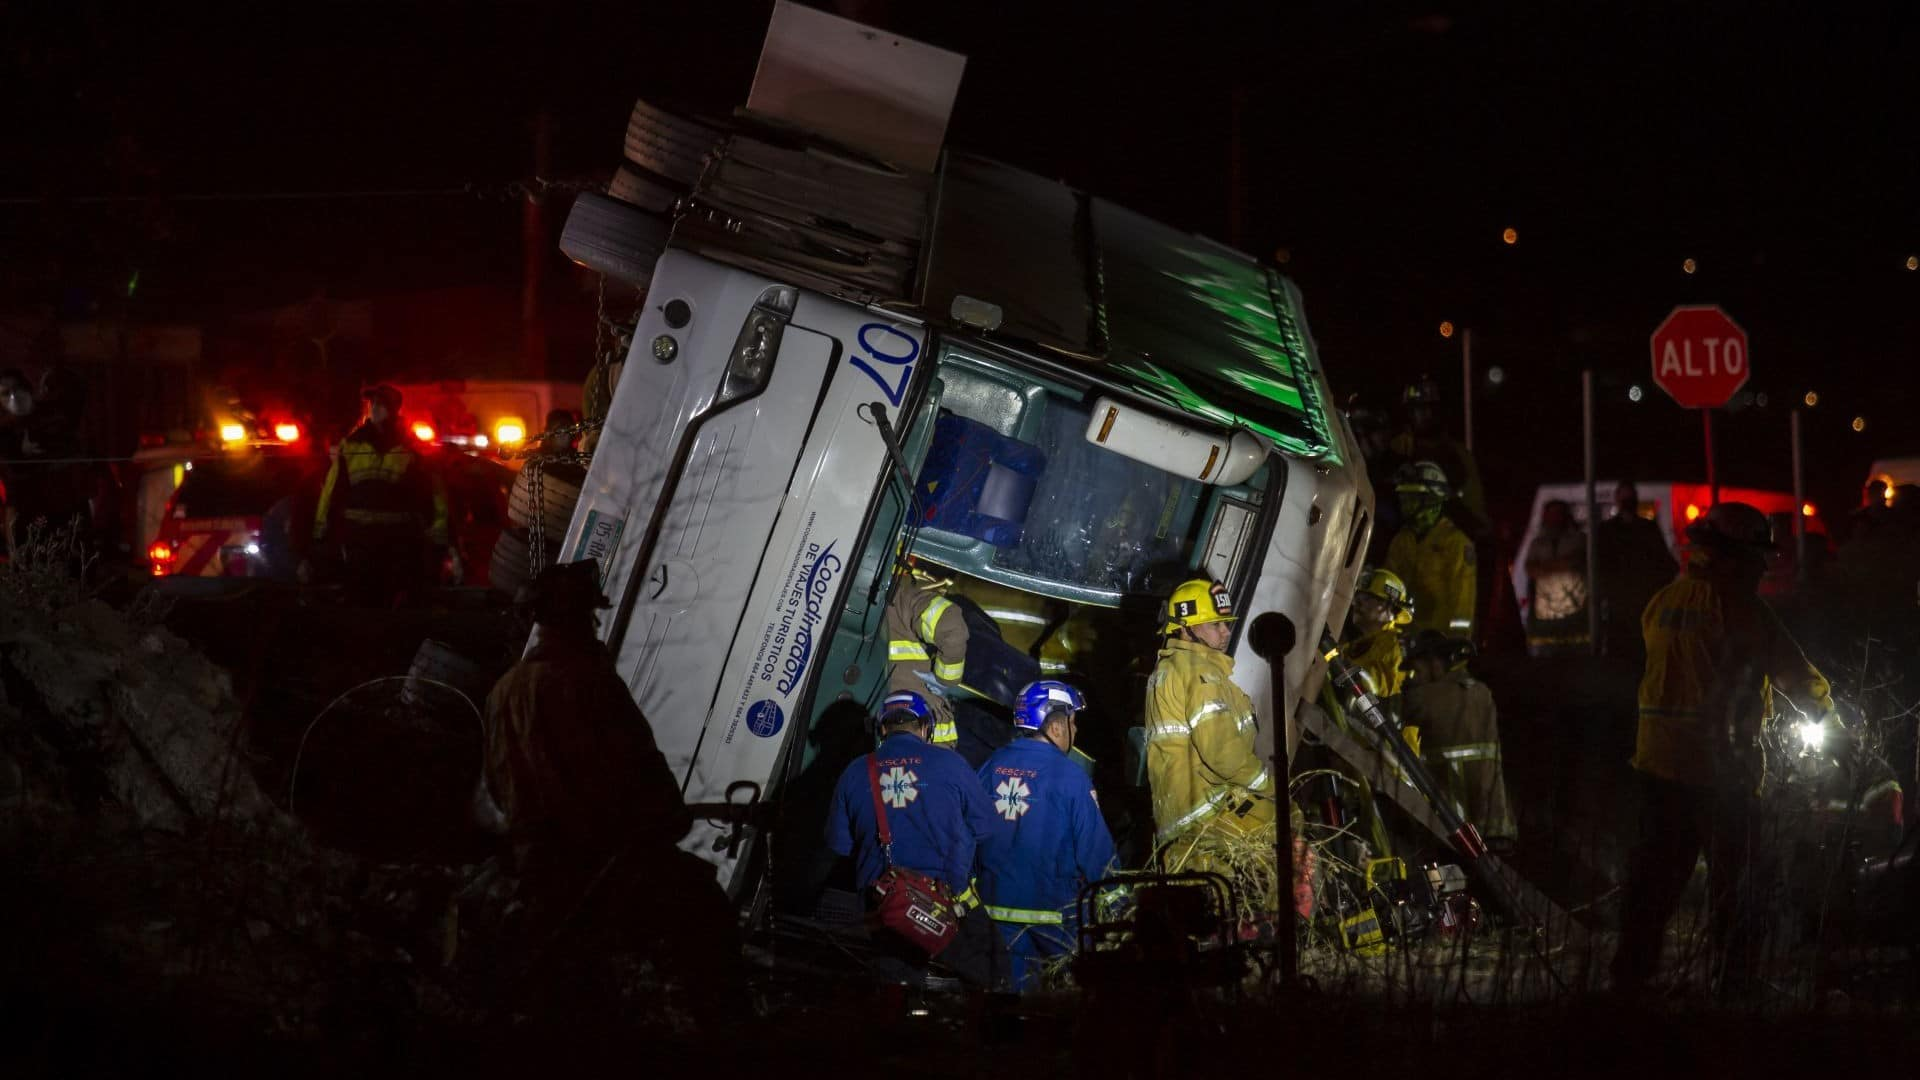 Mueren 7 personas y 34 resultan heridas tras volcar un autobús en Baja California